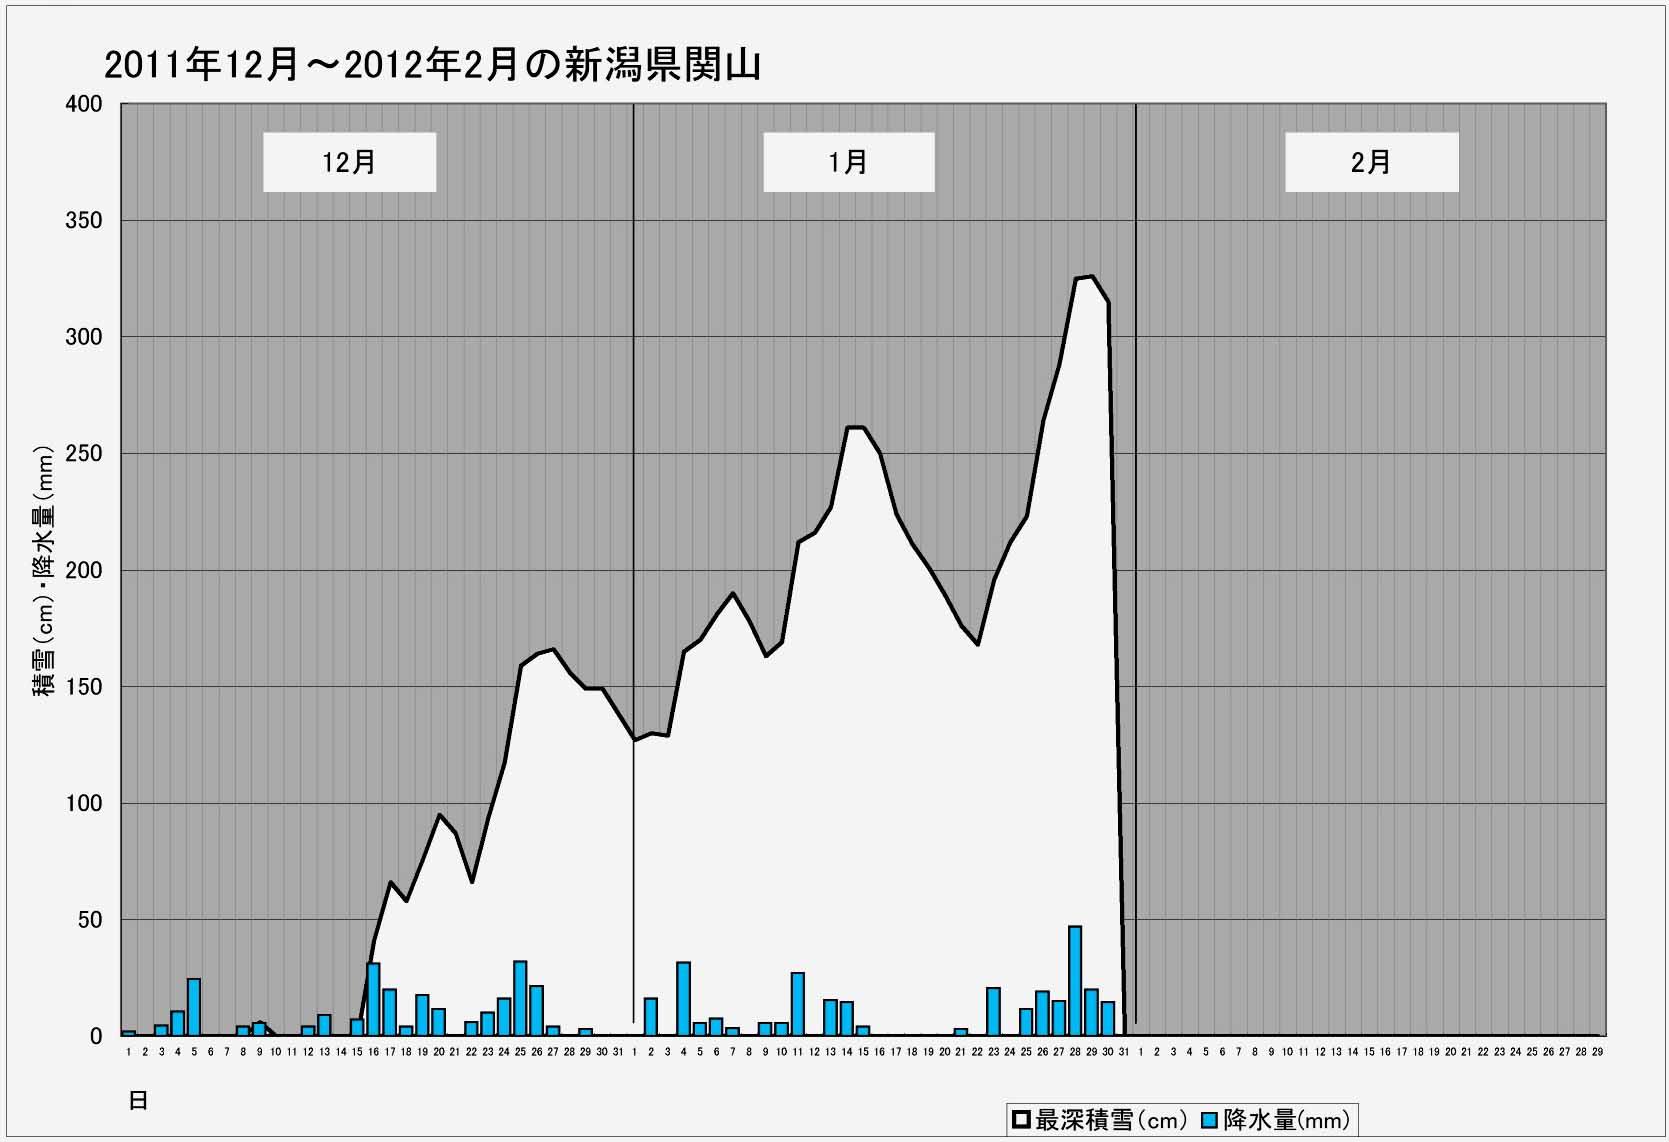 ブログ用 2011年~2012年の関山積雪等